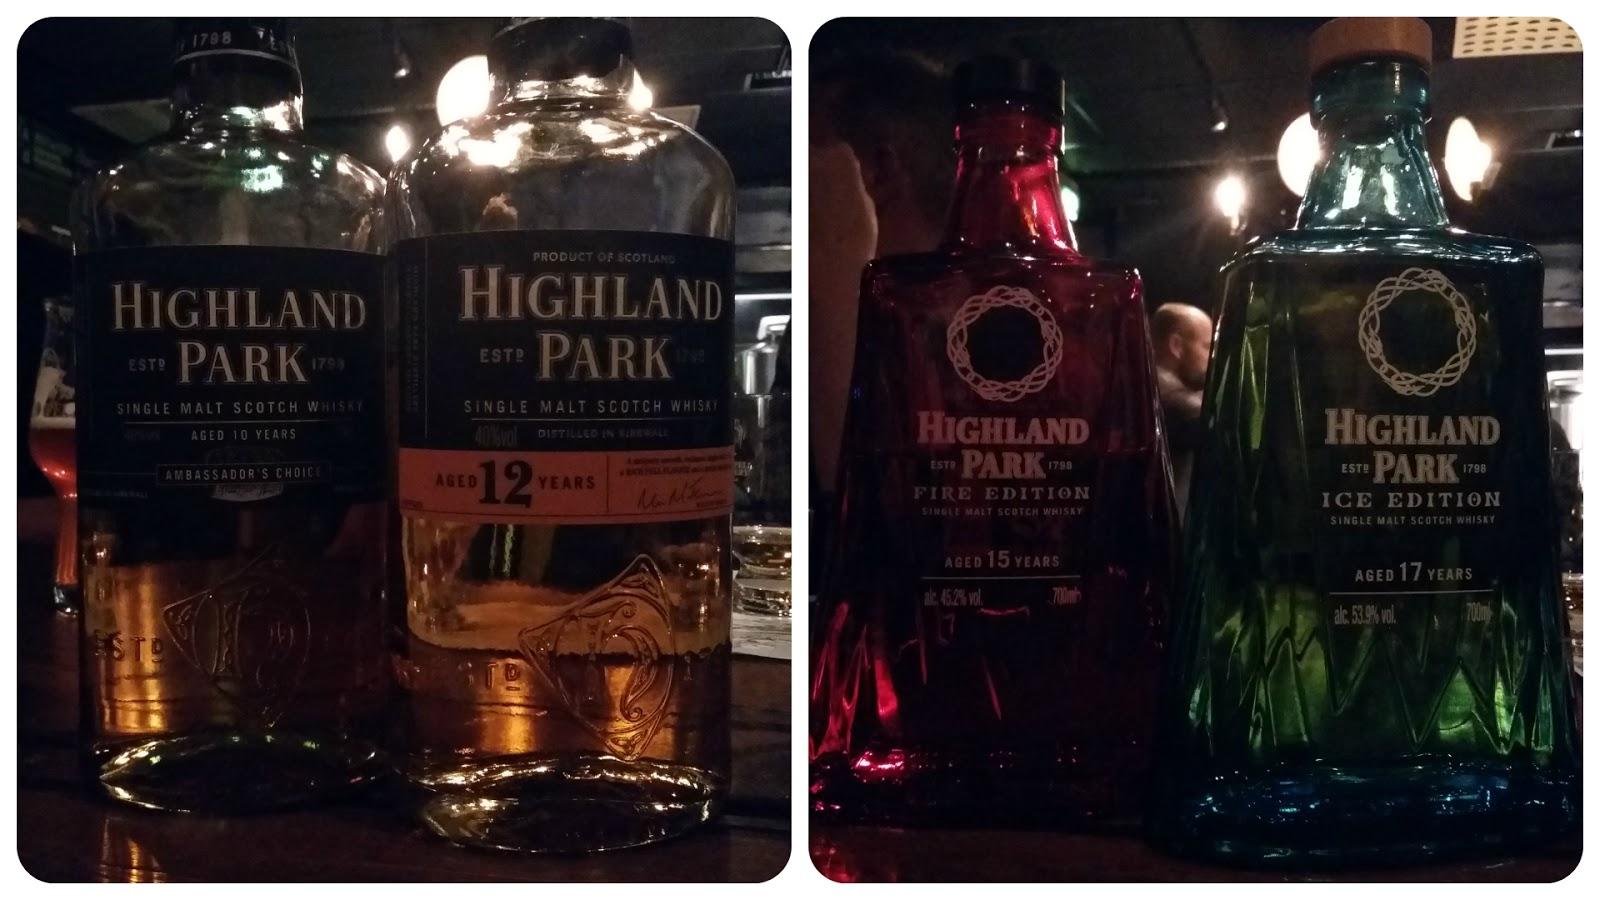 viski joulukalenteri 2018 Viiniblogi/olutblogi Loppasuut: Highland Park